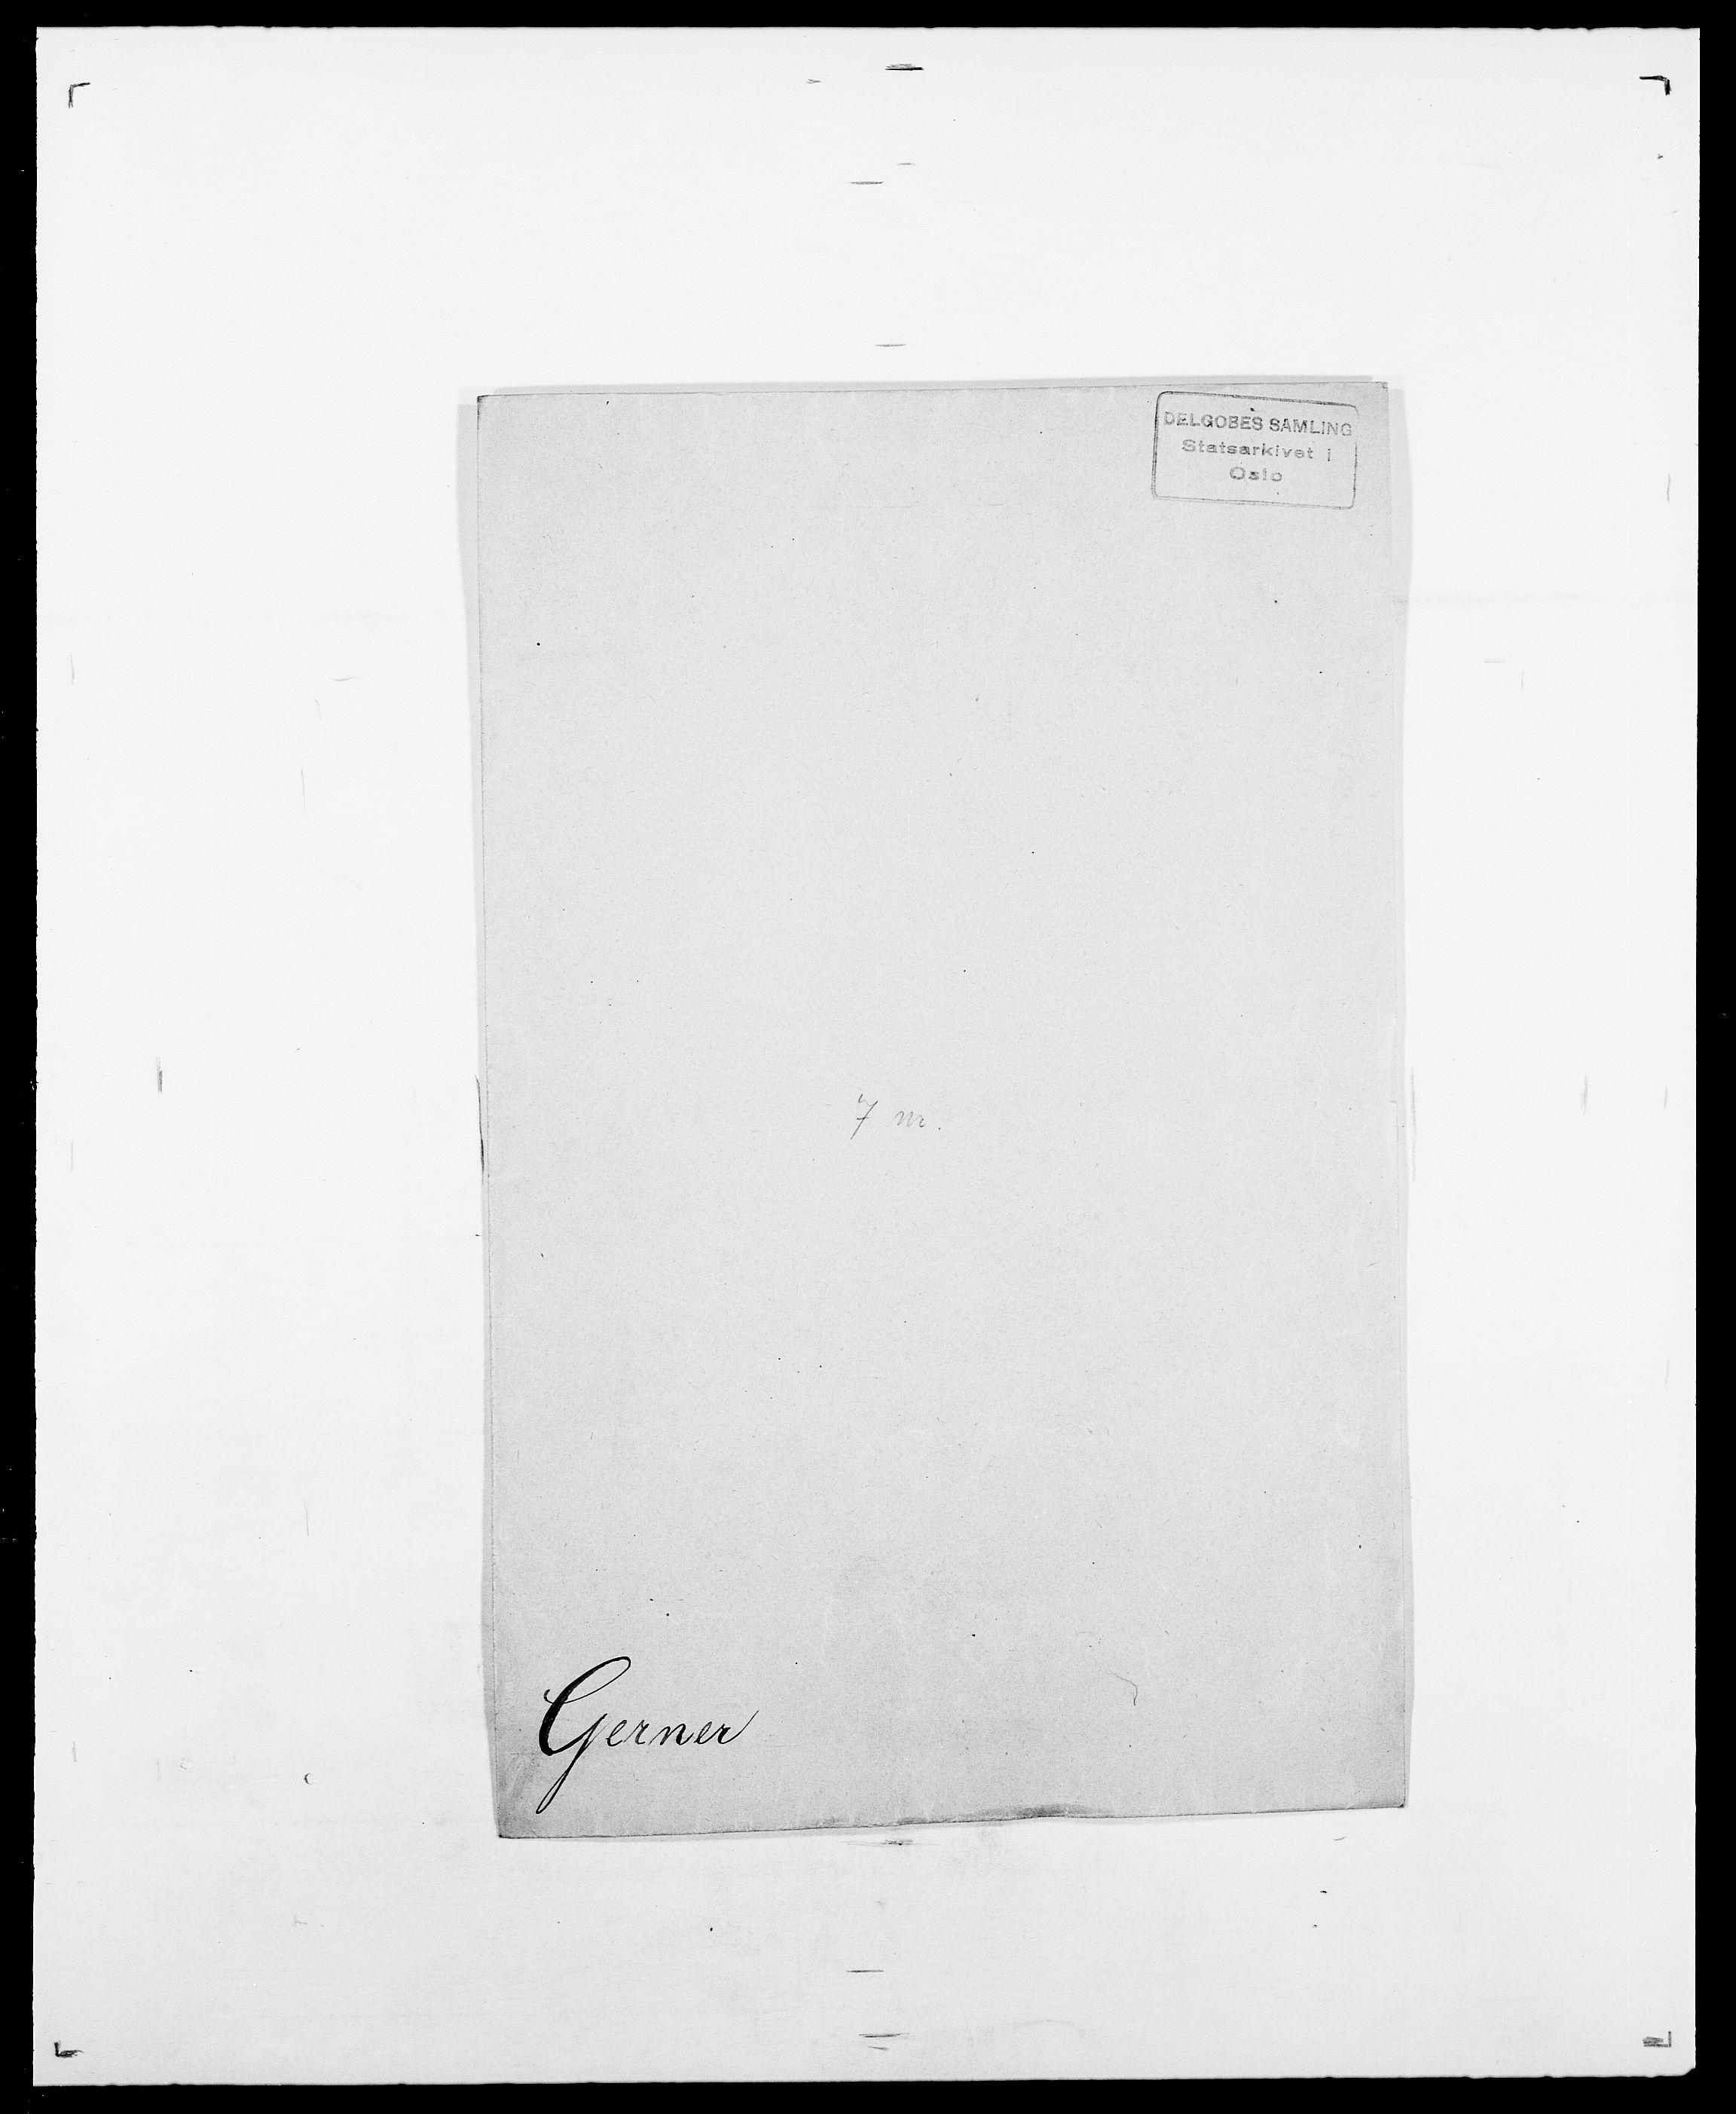 SAO, Delgobe, Charles Antoine - samling, D/Da/L0013: Forbos - Geving, s. 624